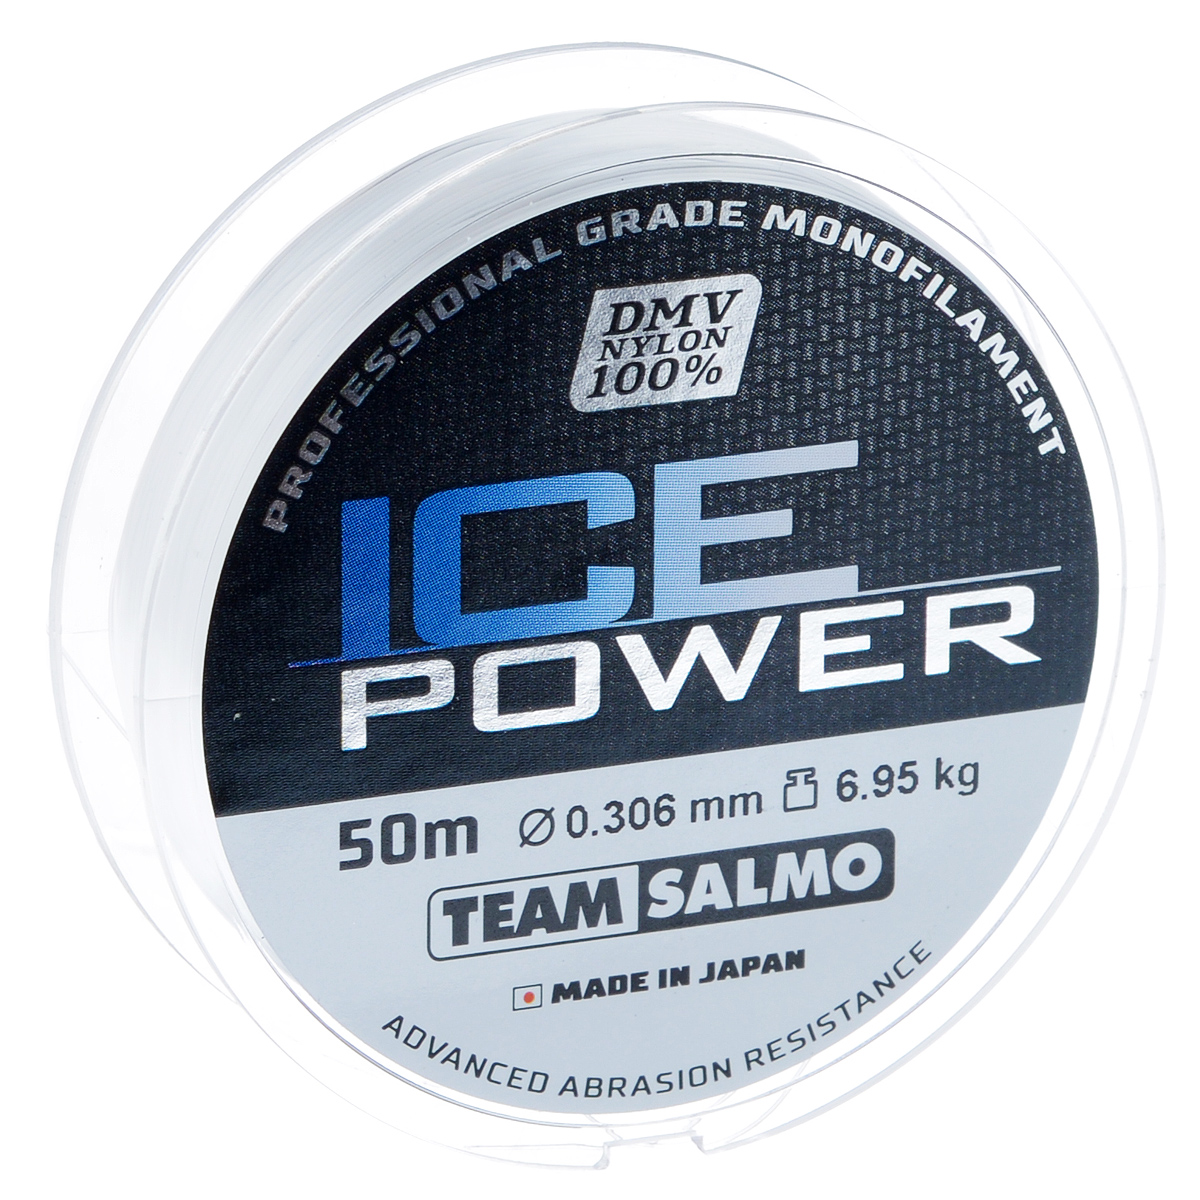 Леска монофильная Team Salmo Ice Power, сечение 0,306 мм, длина 50 м4271825Team Salmo Ice Power - это леска последнего поколения, идеально калиброванная по всей длине, с точностью, определяемой до третьего знака. Материал, из которого изготовлена леска, обладает повышенной абразивной устойчивостью и не взаимодействует с водой, поэтому на морозе не теряет своих физических свойств, что значительно увеличивает срок ее службы. У лески отсутствует память, поэтому в процессе эксплуатации она не деформируется. Низкий коэффициент растяжимости делает леску максимально чувствительной, при этом она практически незаметна для рыбы. Леска производится использованием самого высококачественного сырья и новейших технологий.